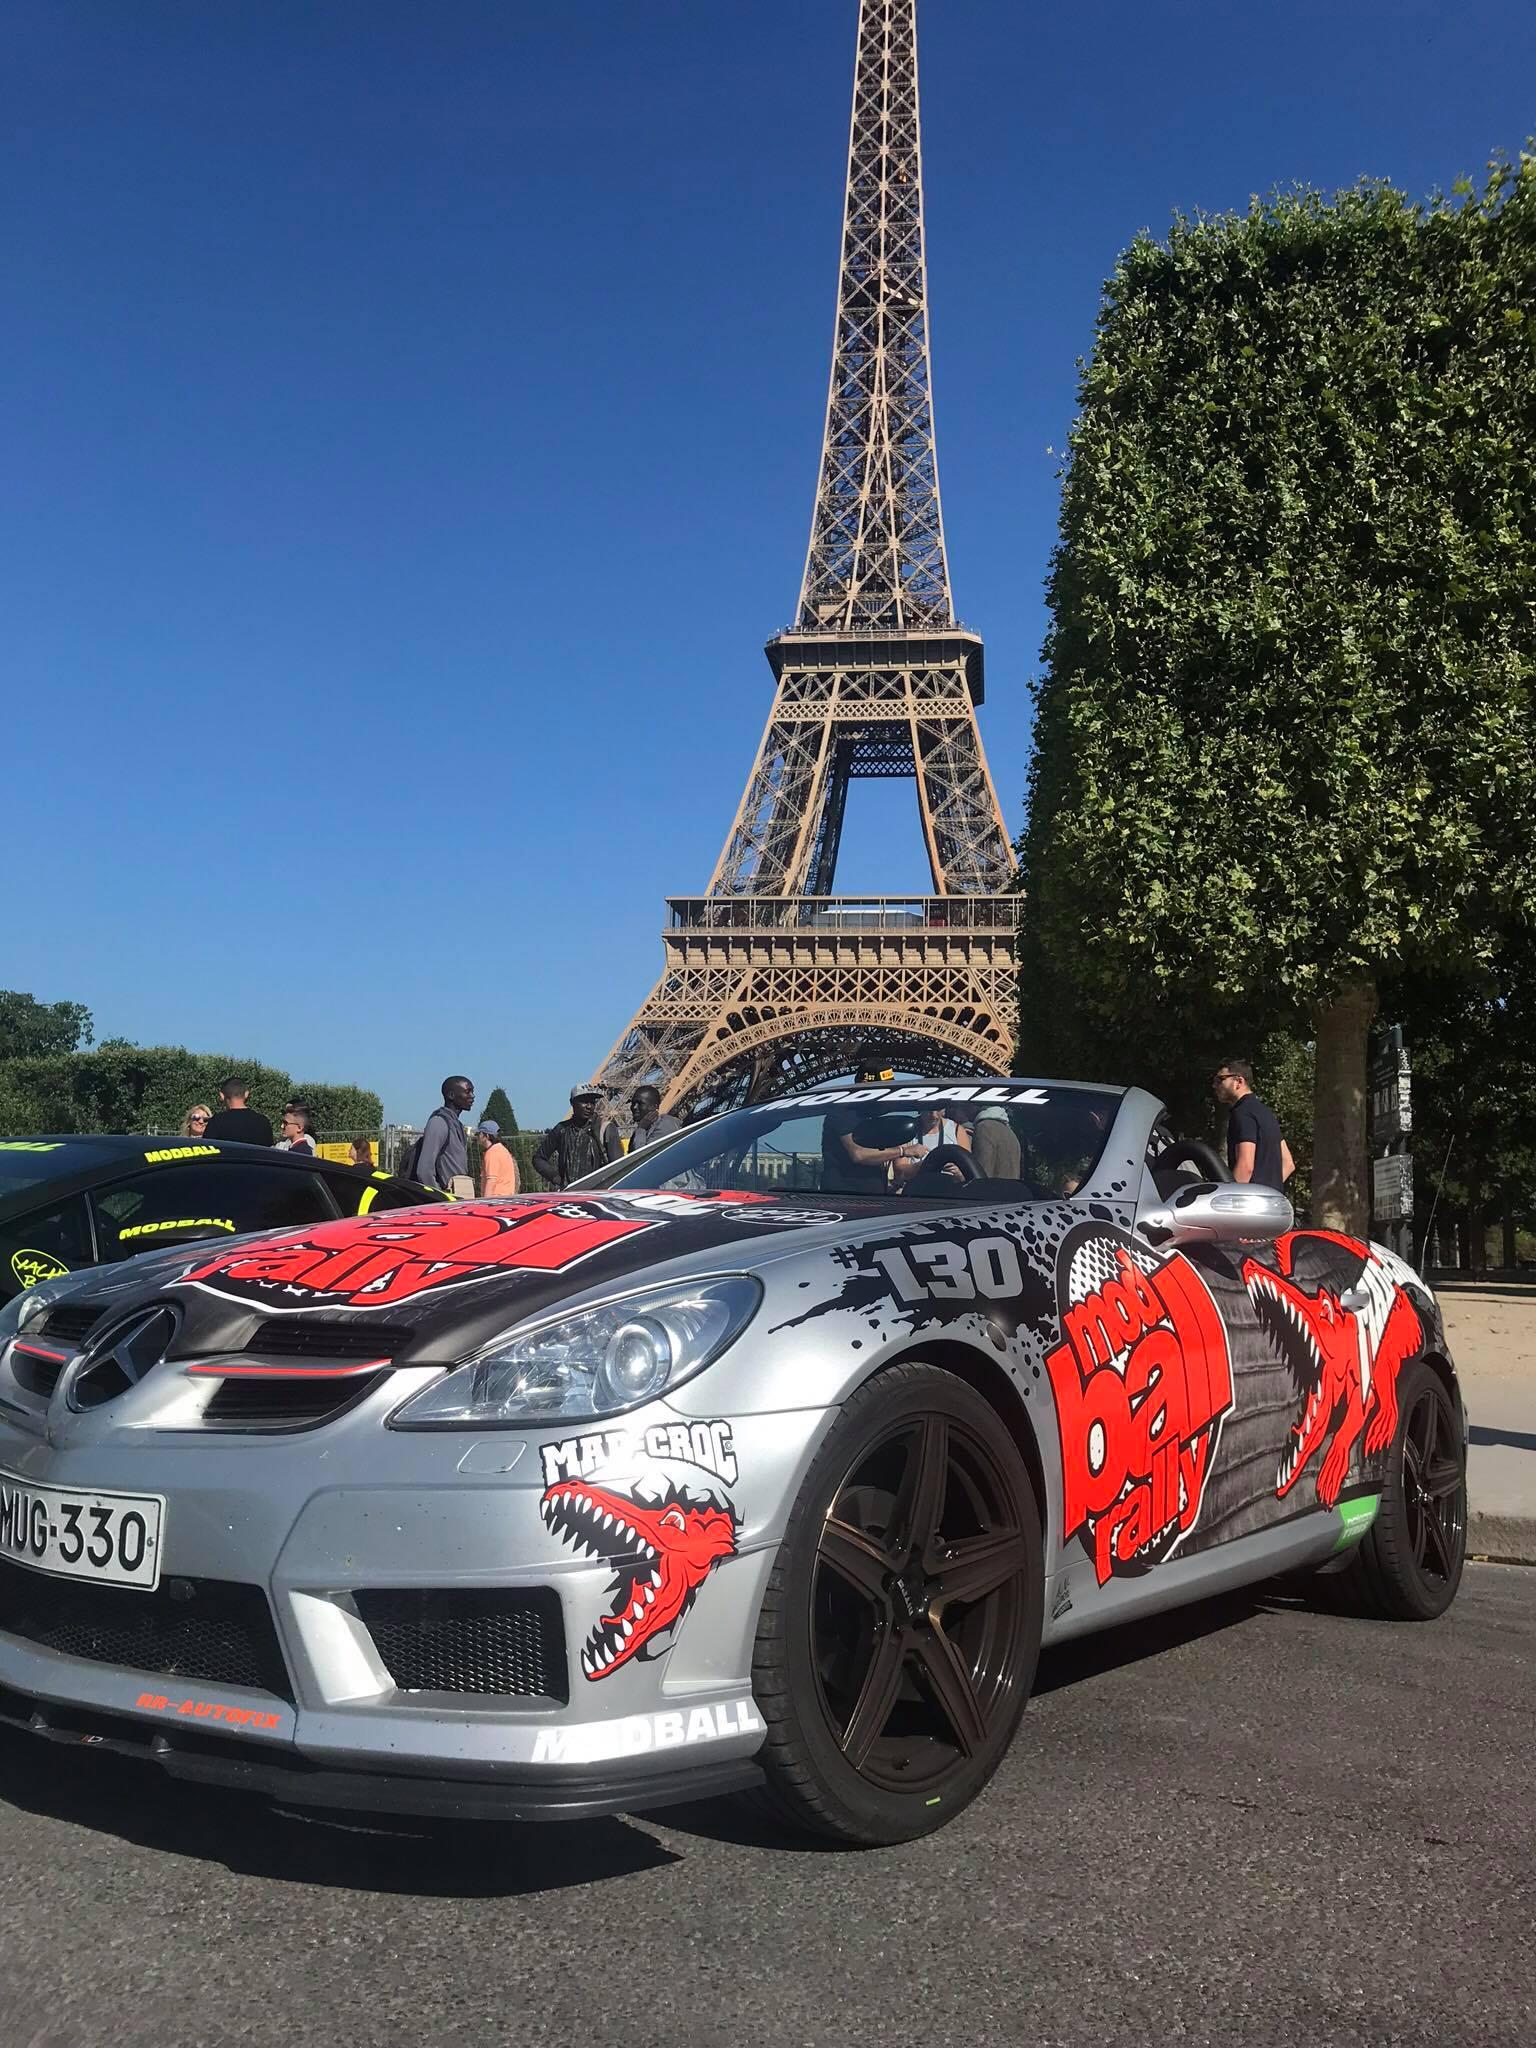 Team MadCroc #130 Euroopan halki rallissa 2018.